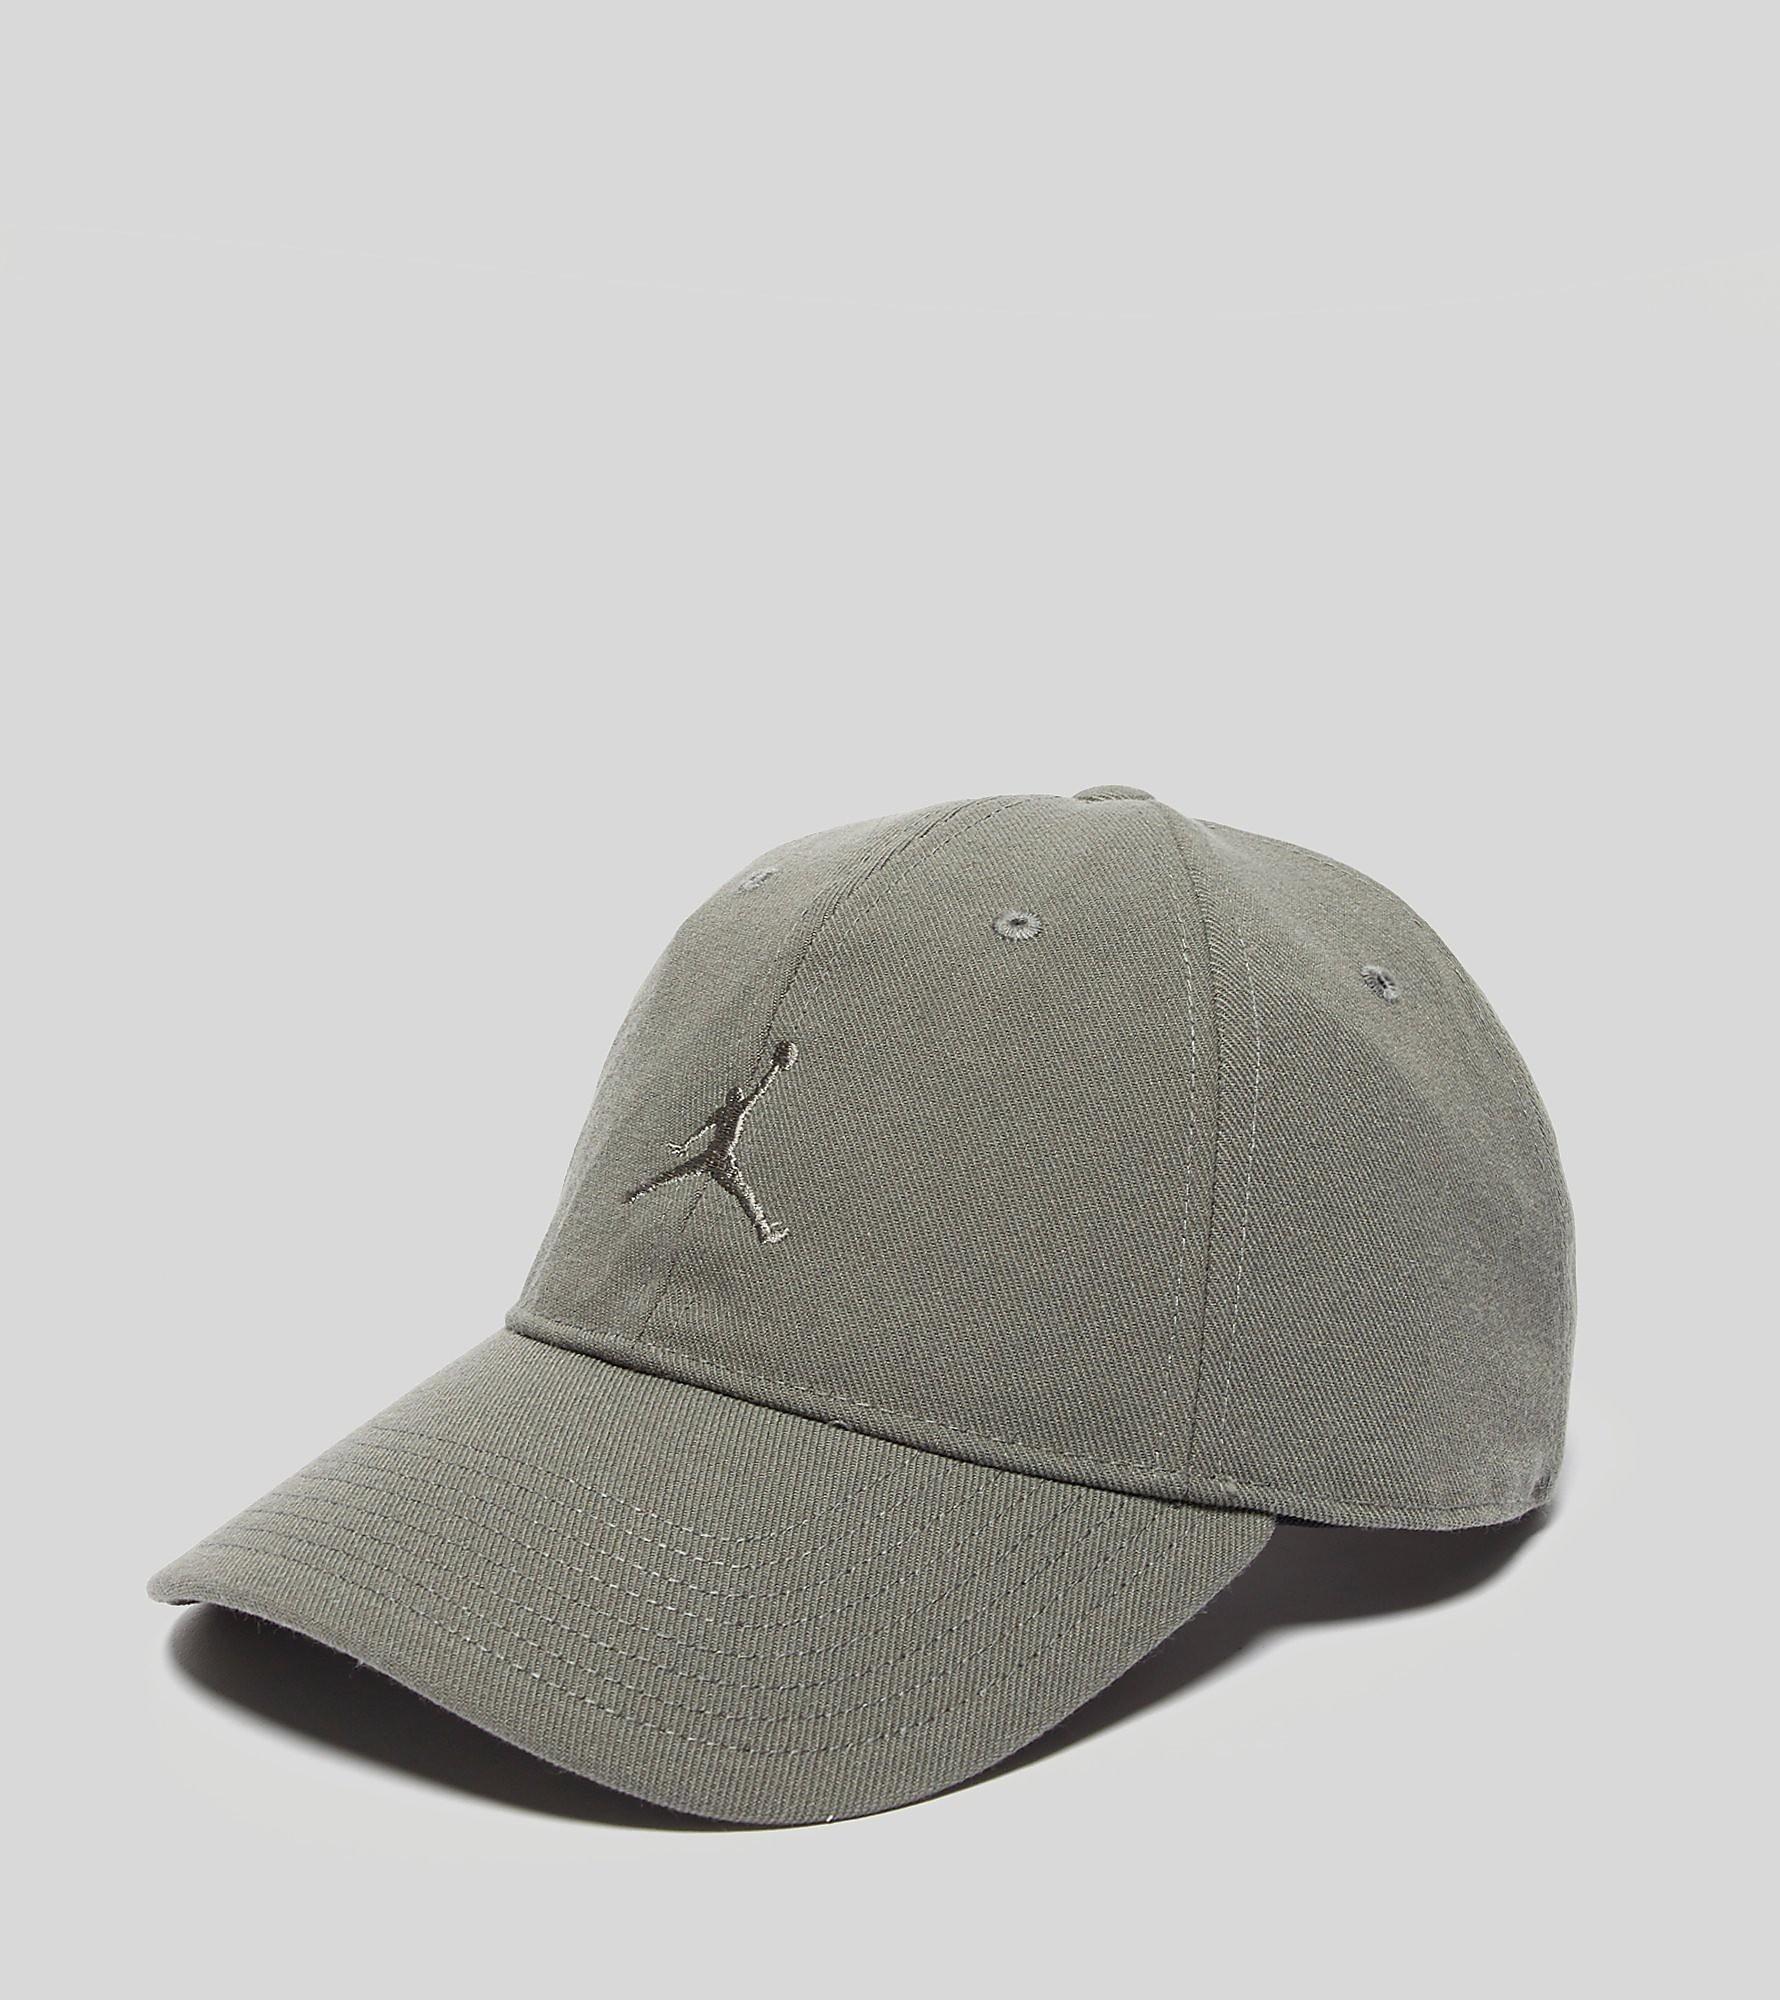 Jordan Curved Peak Strapback Cap